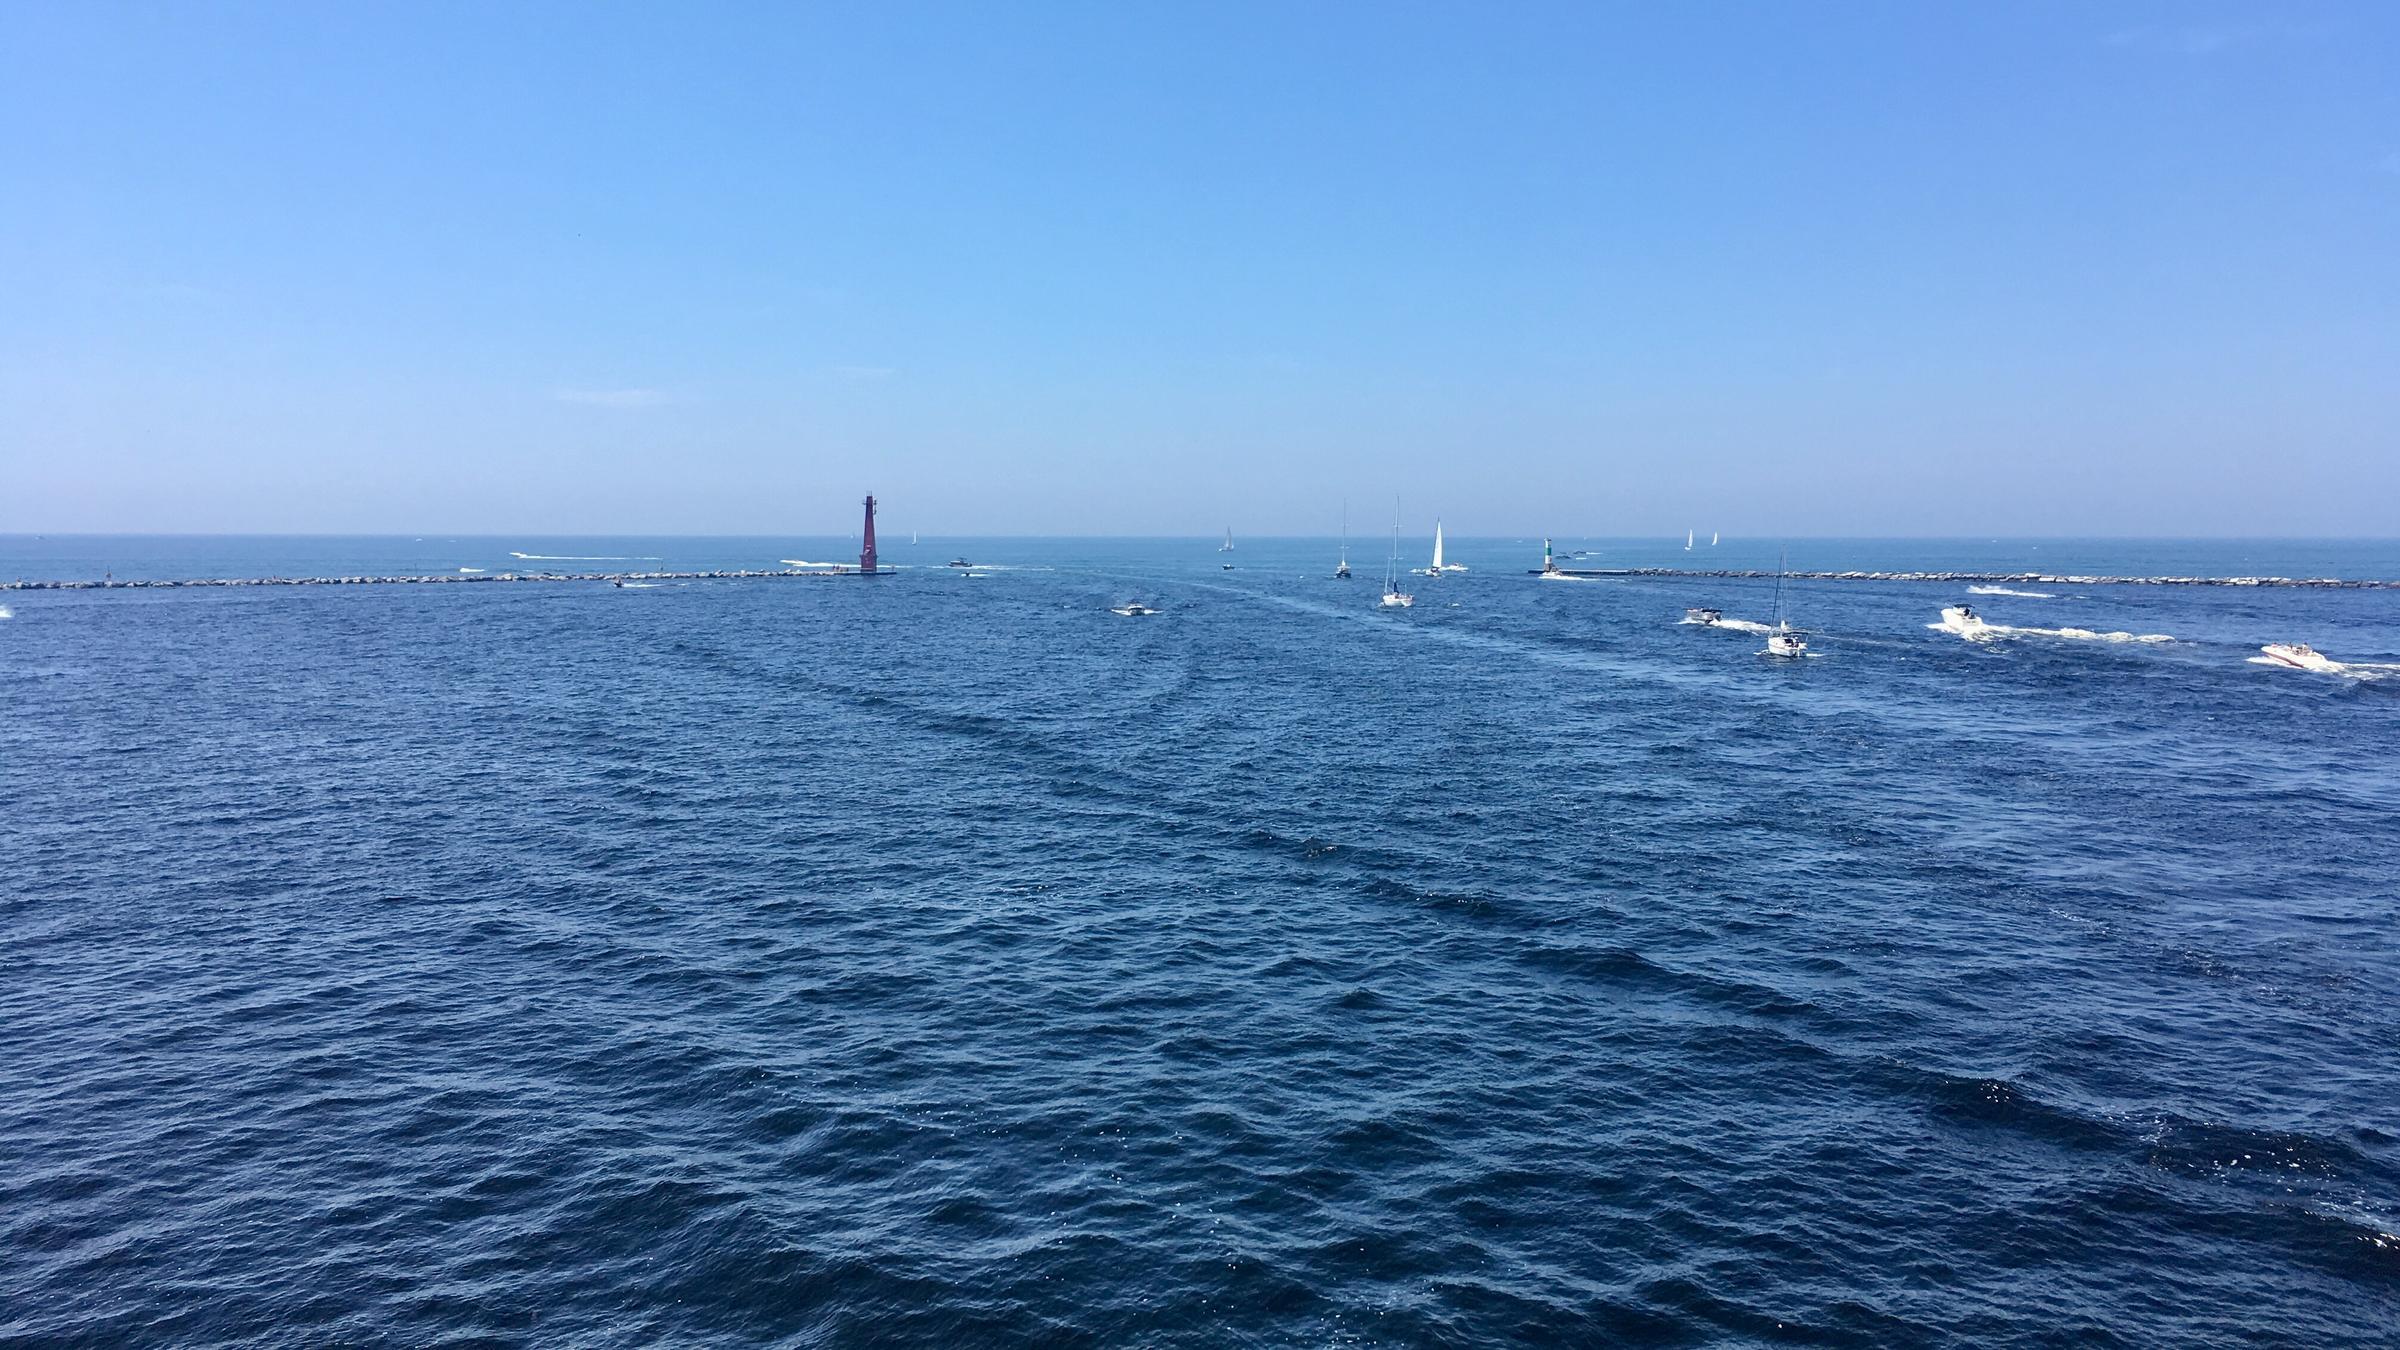 Rekordowy poziom wody w jeziorze Michigan